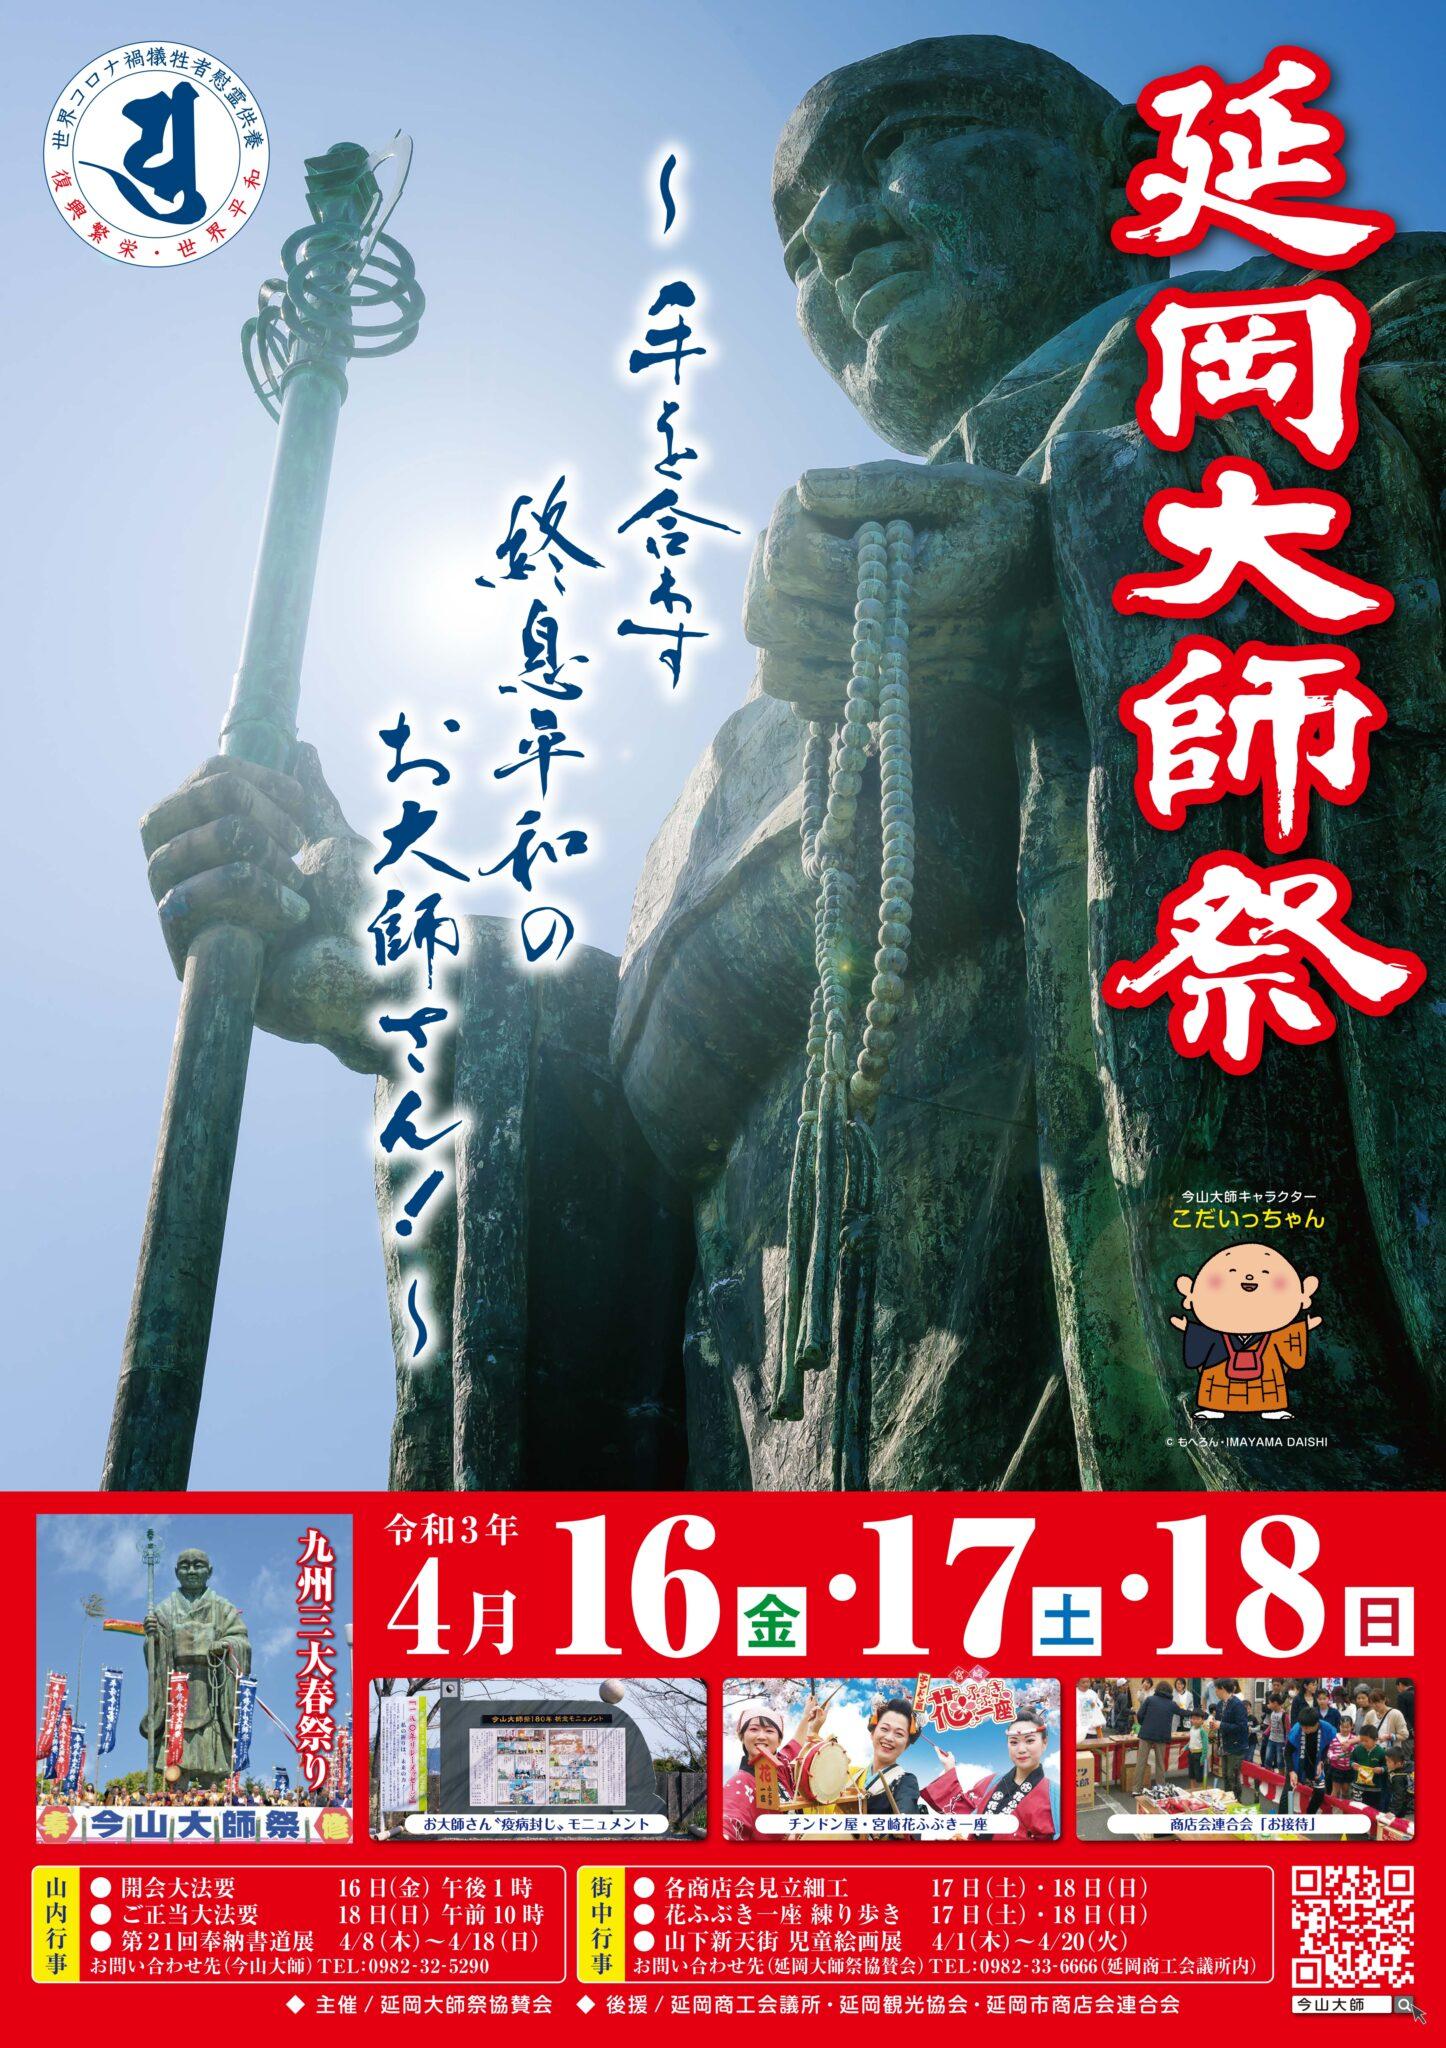 令和3年度延岡大師祭のポスター【4/16(金)~4/18(日)】